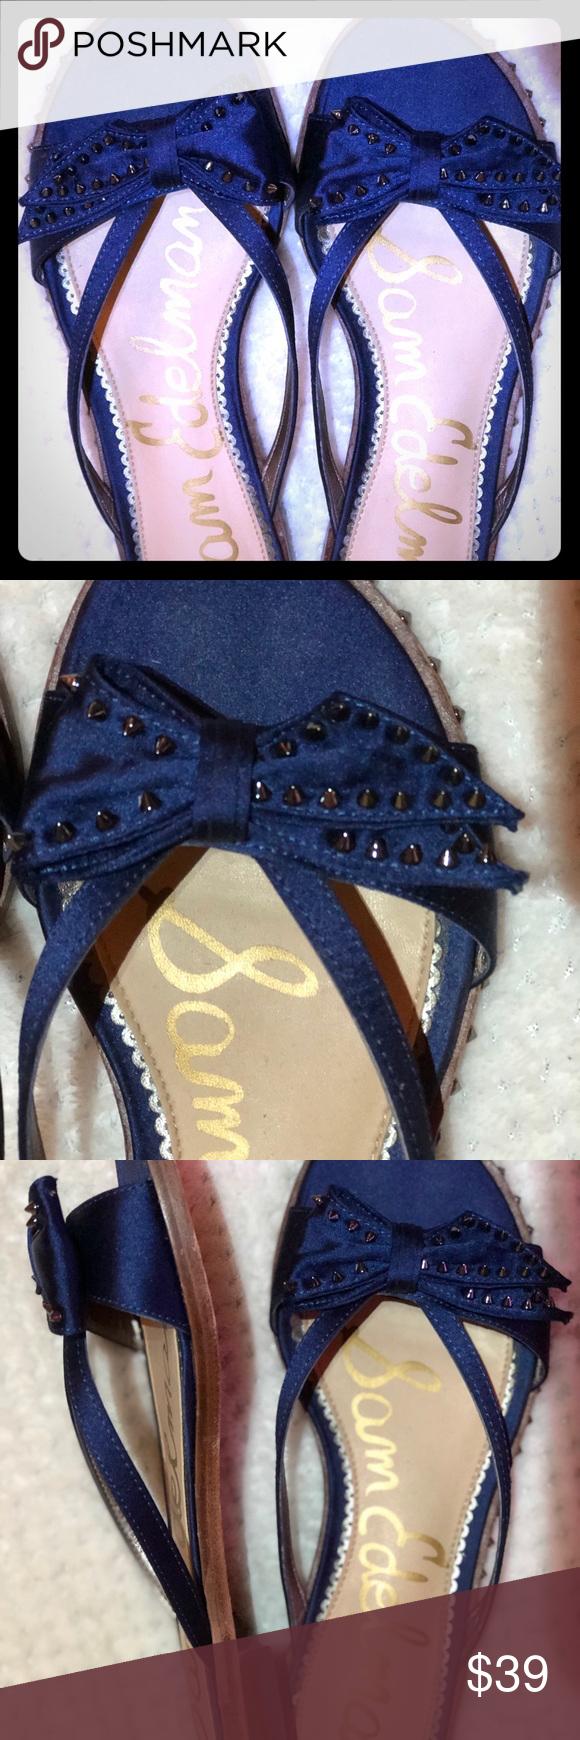 Embellished navy blue sandals by Sam